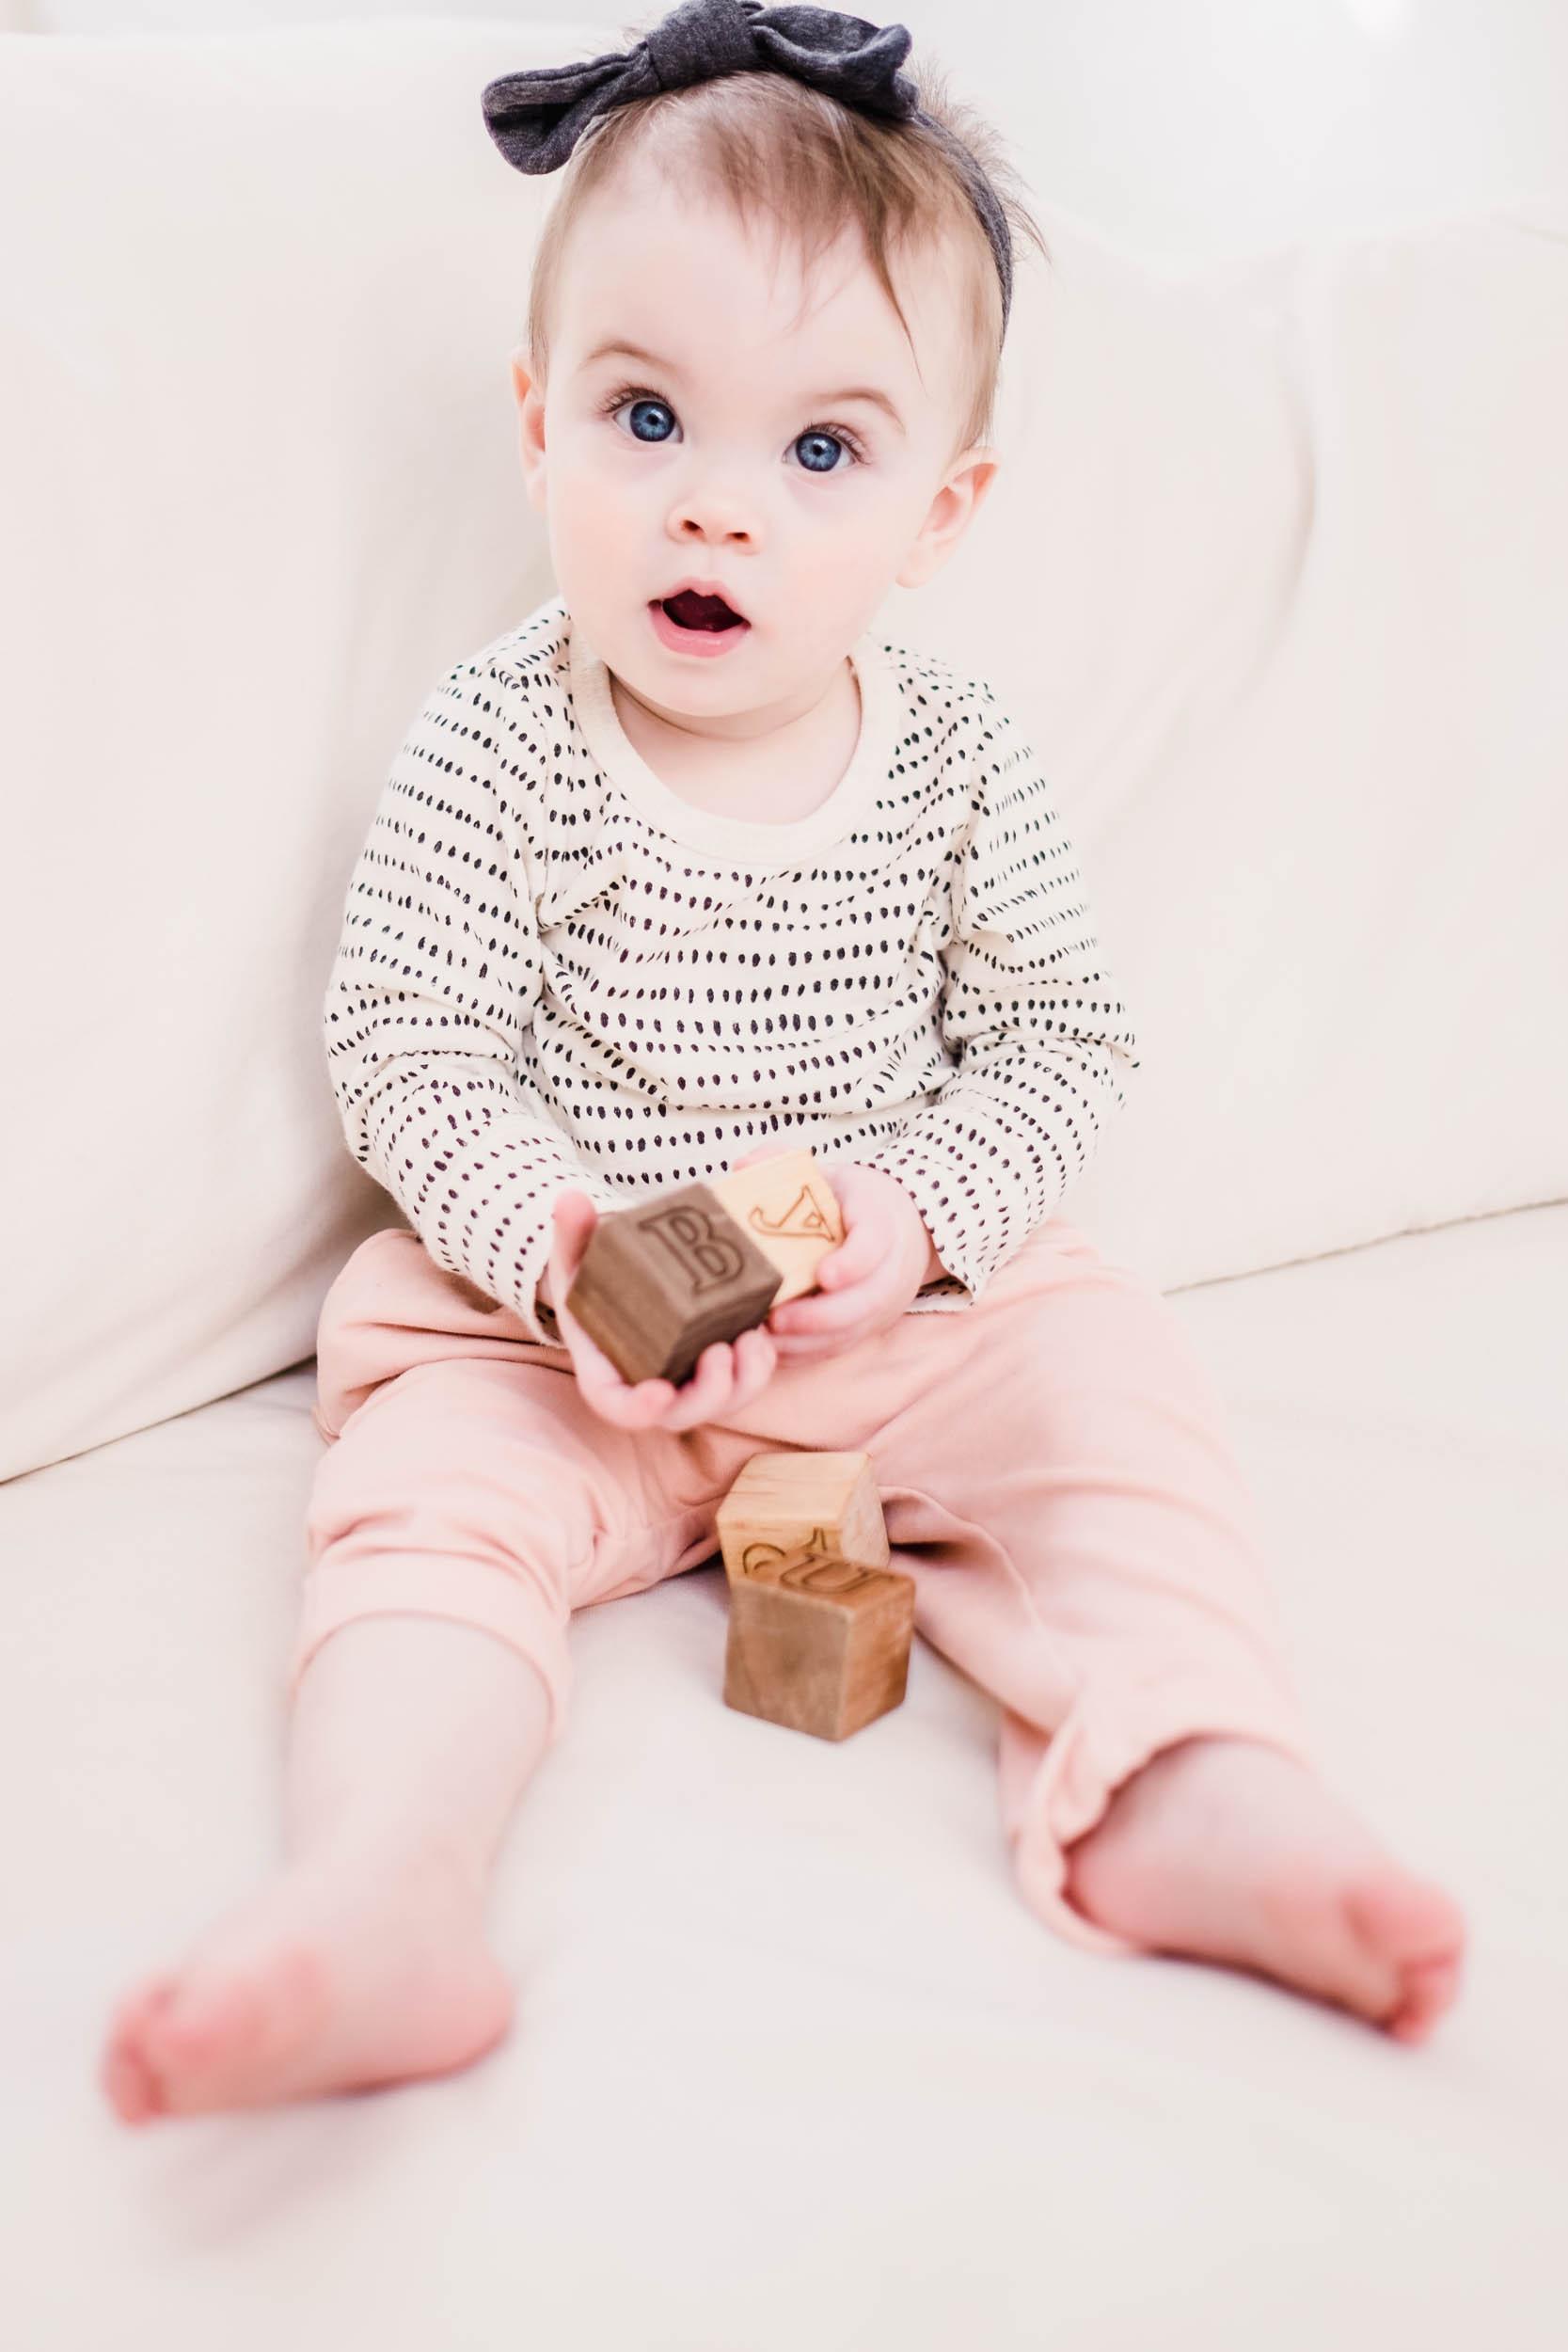 Kristen-Humbert-Family-Photoshoot-Philadelphia_Ruby-James-W-7152.jpg